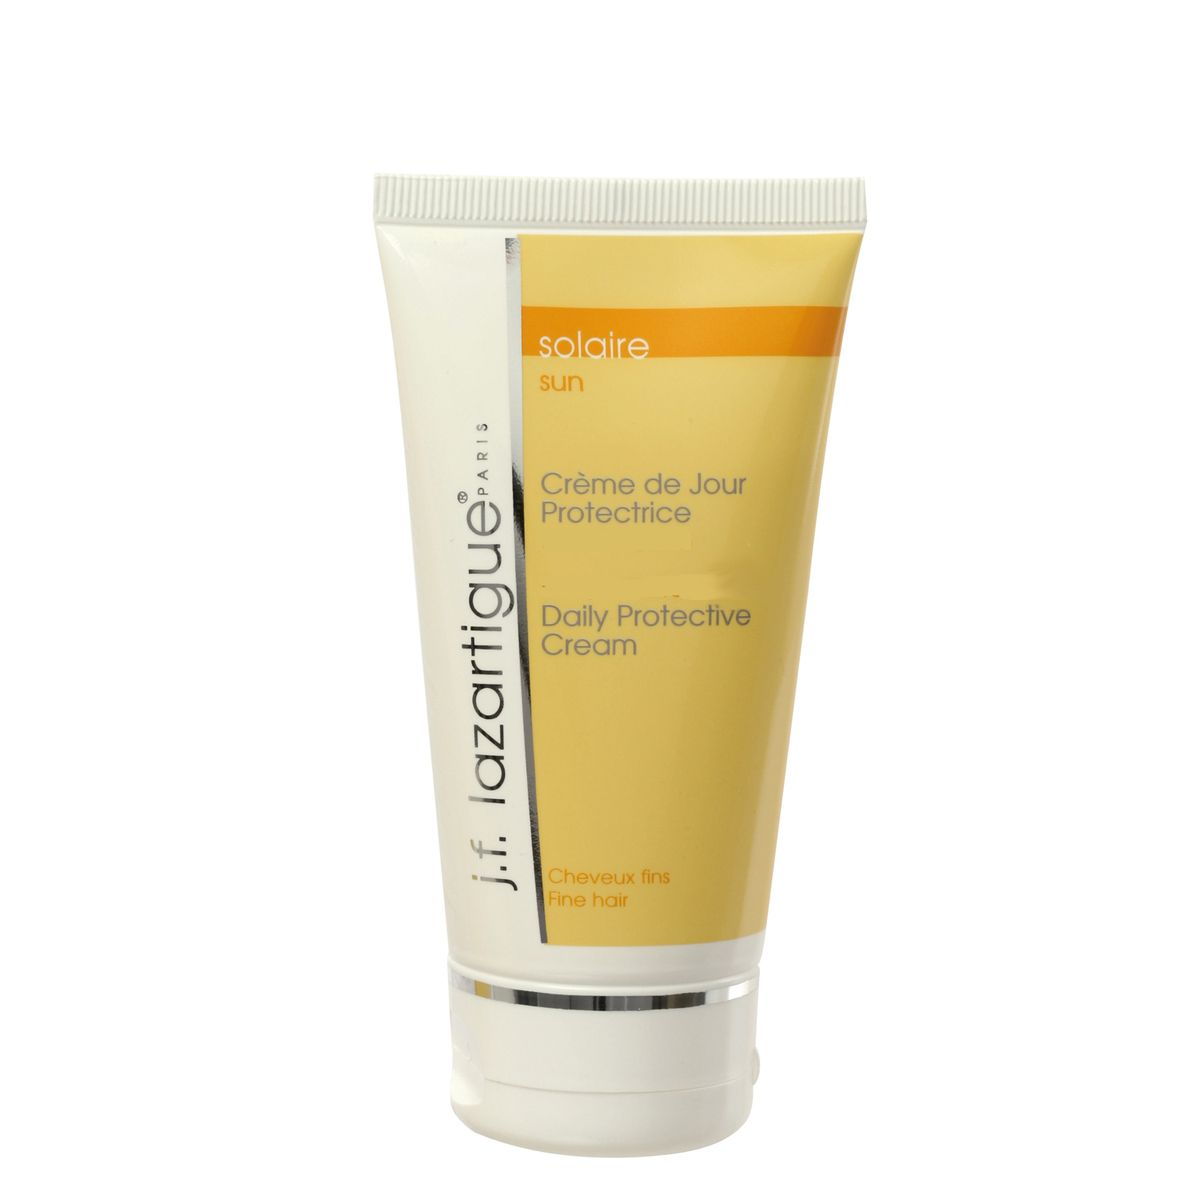 J.F.Lazartigue Солнцезащитный крем для волос для ежедневного использования 75 мл acorelle крем замедляющий рост волос для тела французский трюфель флакон 75 мл acorelle